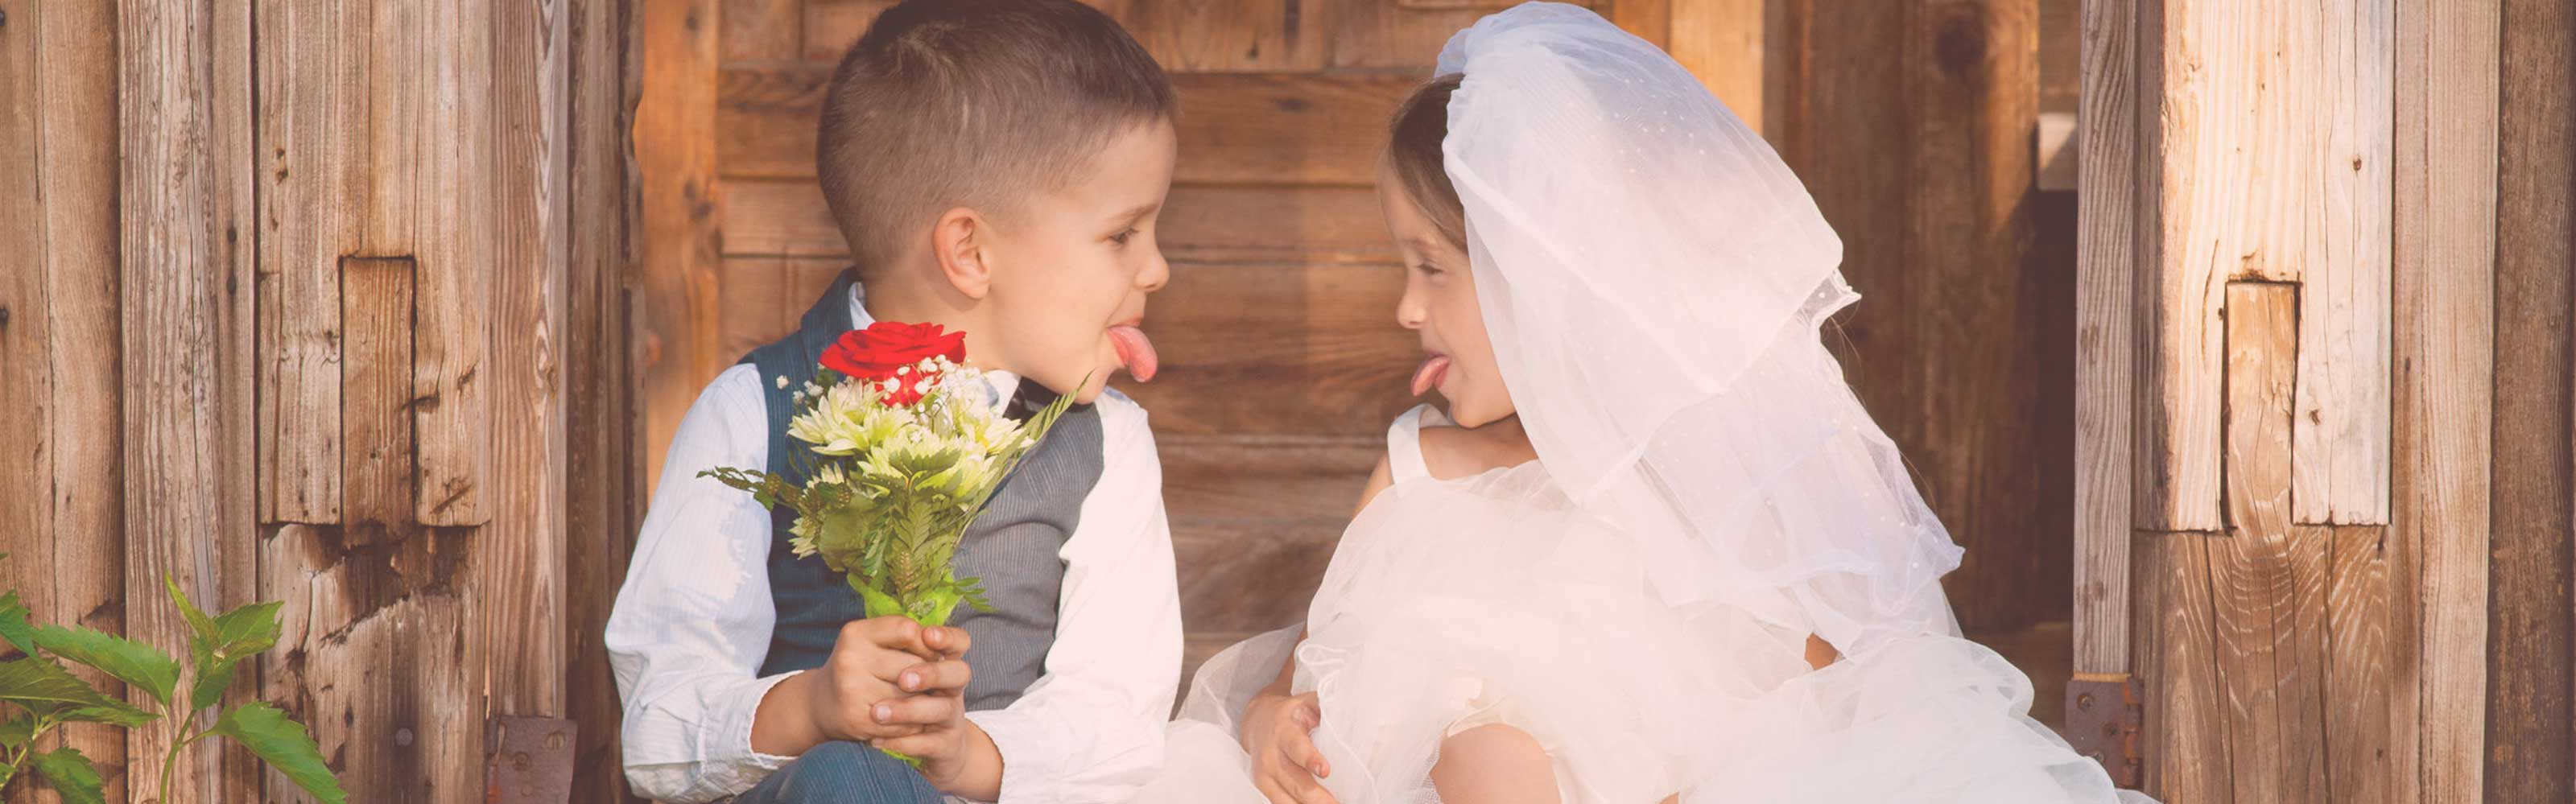 bruidskinderen bruidsmeisjes